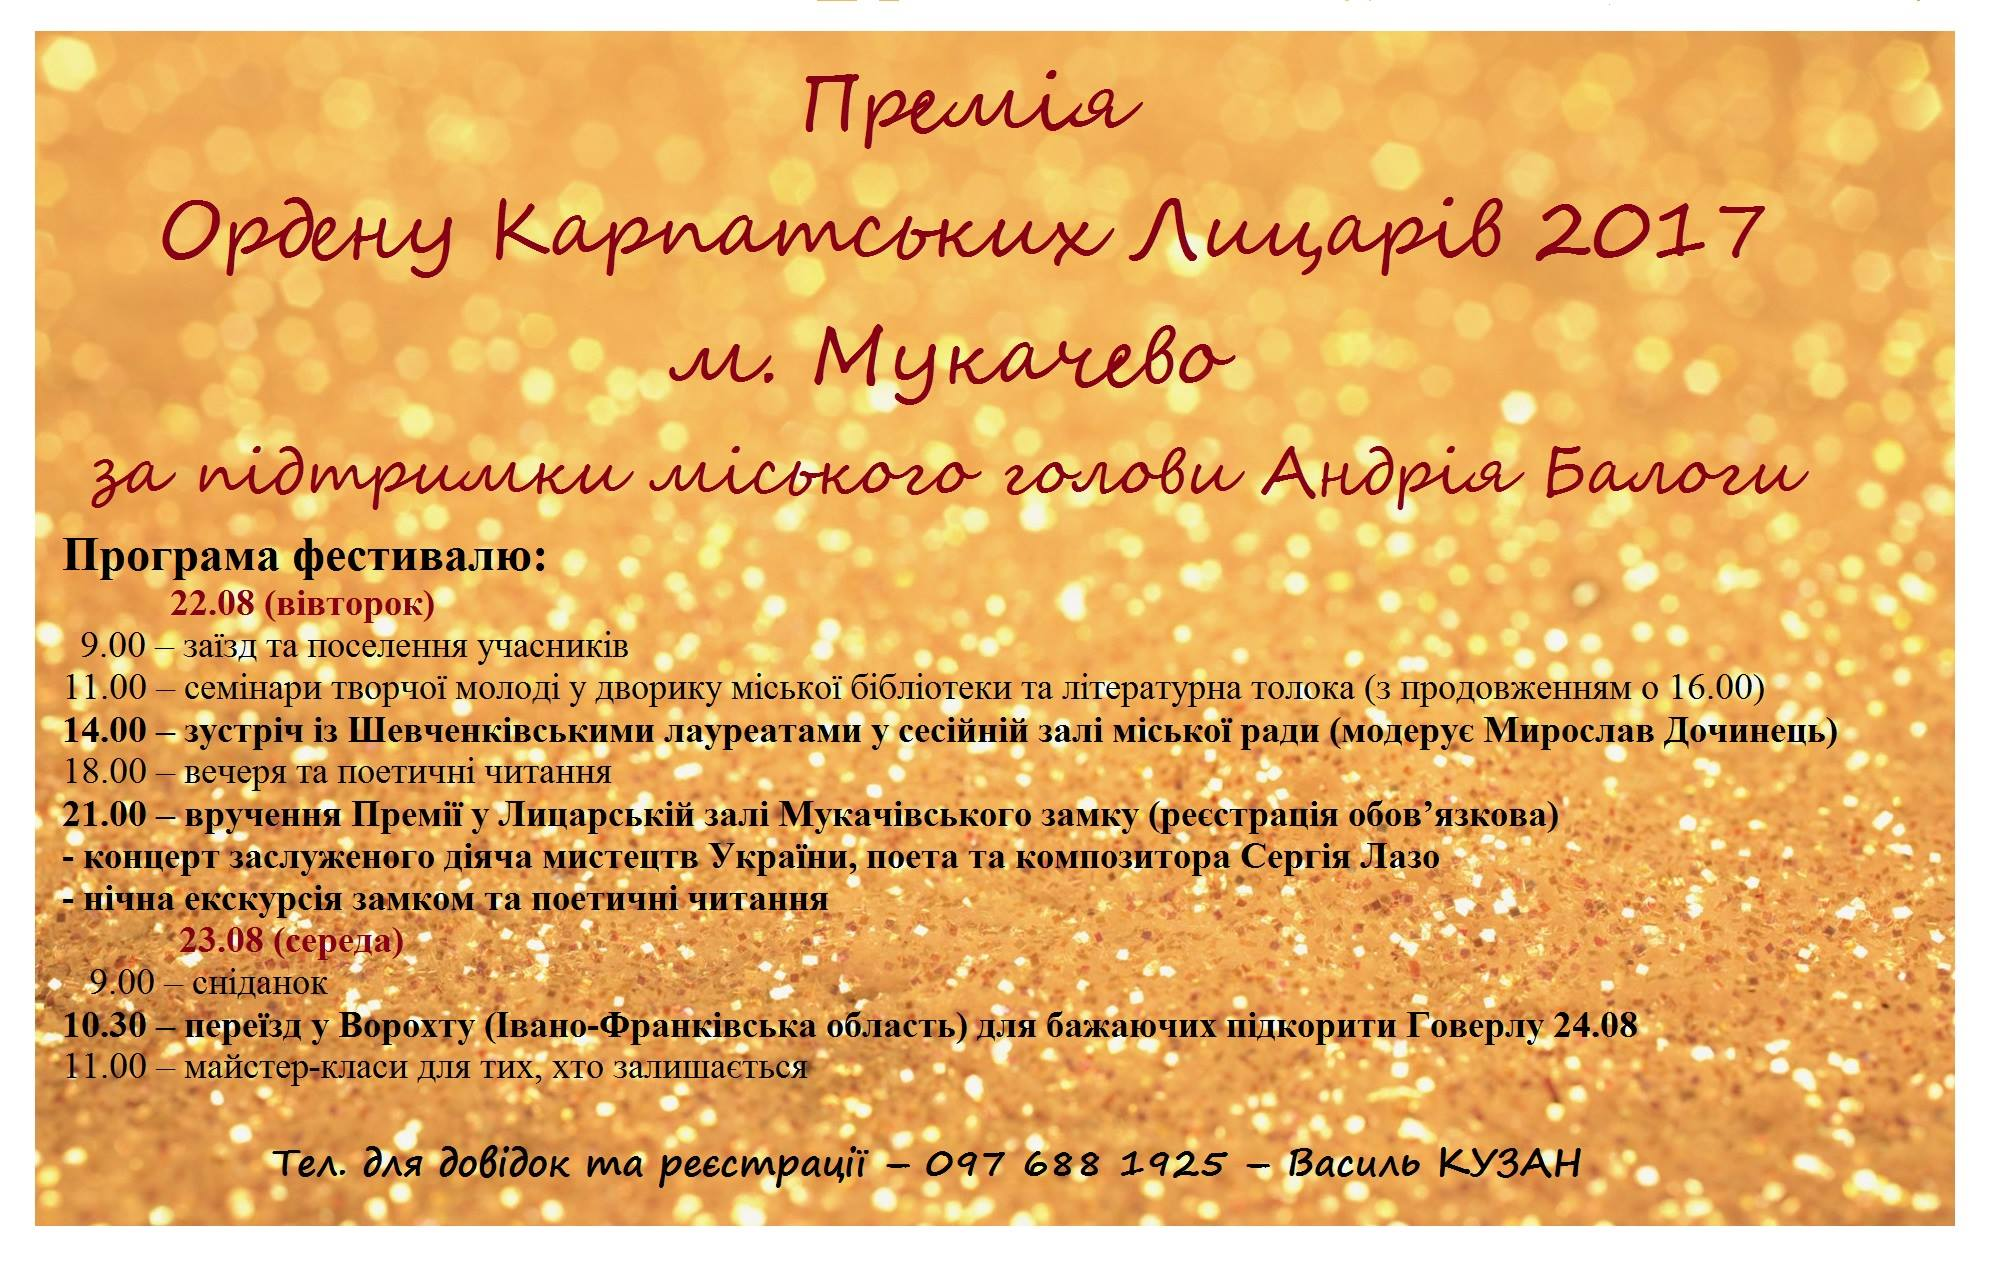 Вручатимуть премію 22 серпня, о 21:00 в Лицарській залі  замку «Паланок».